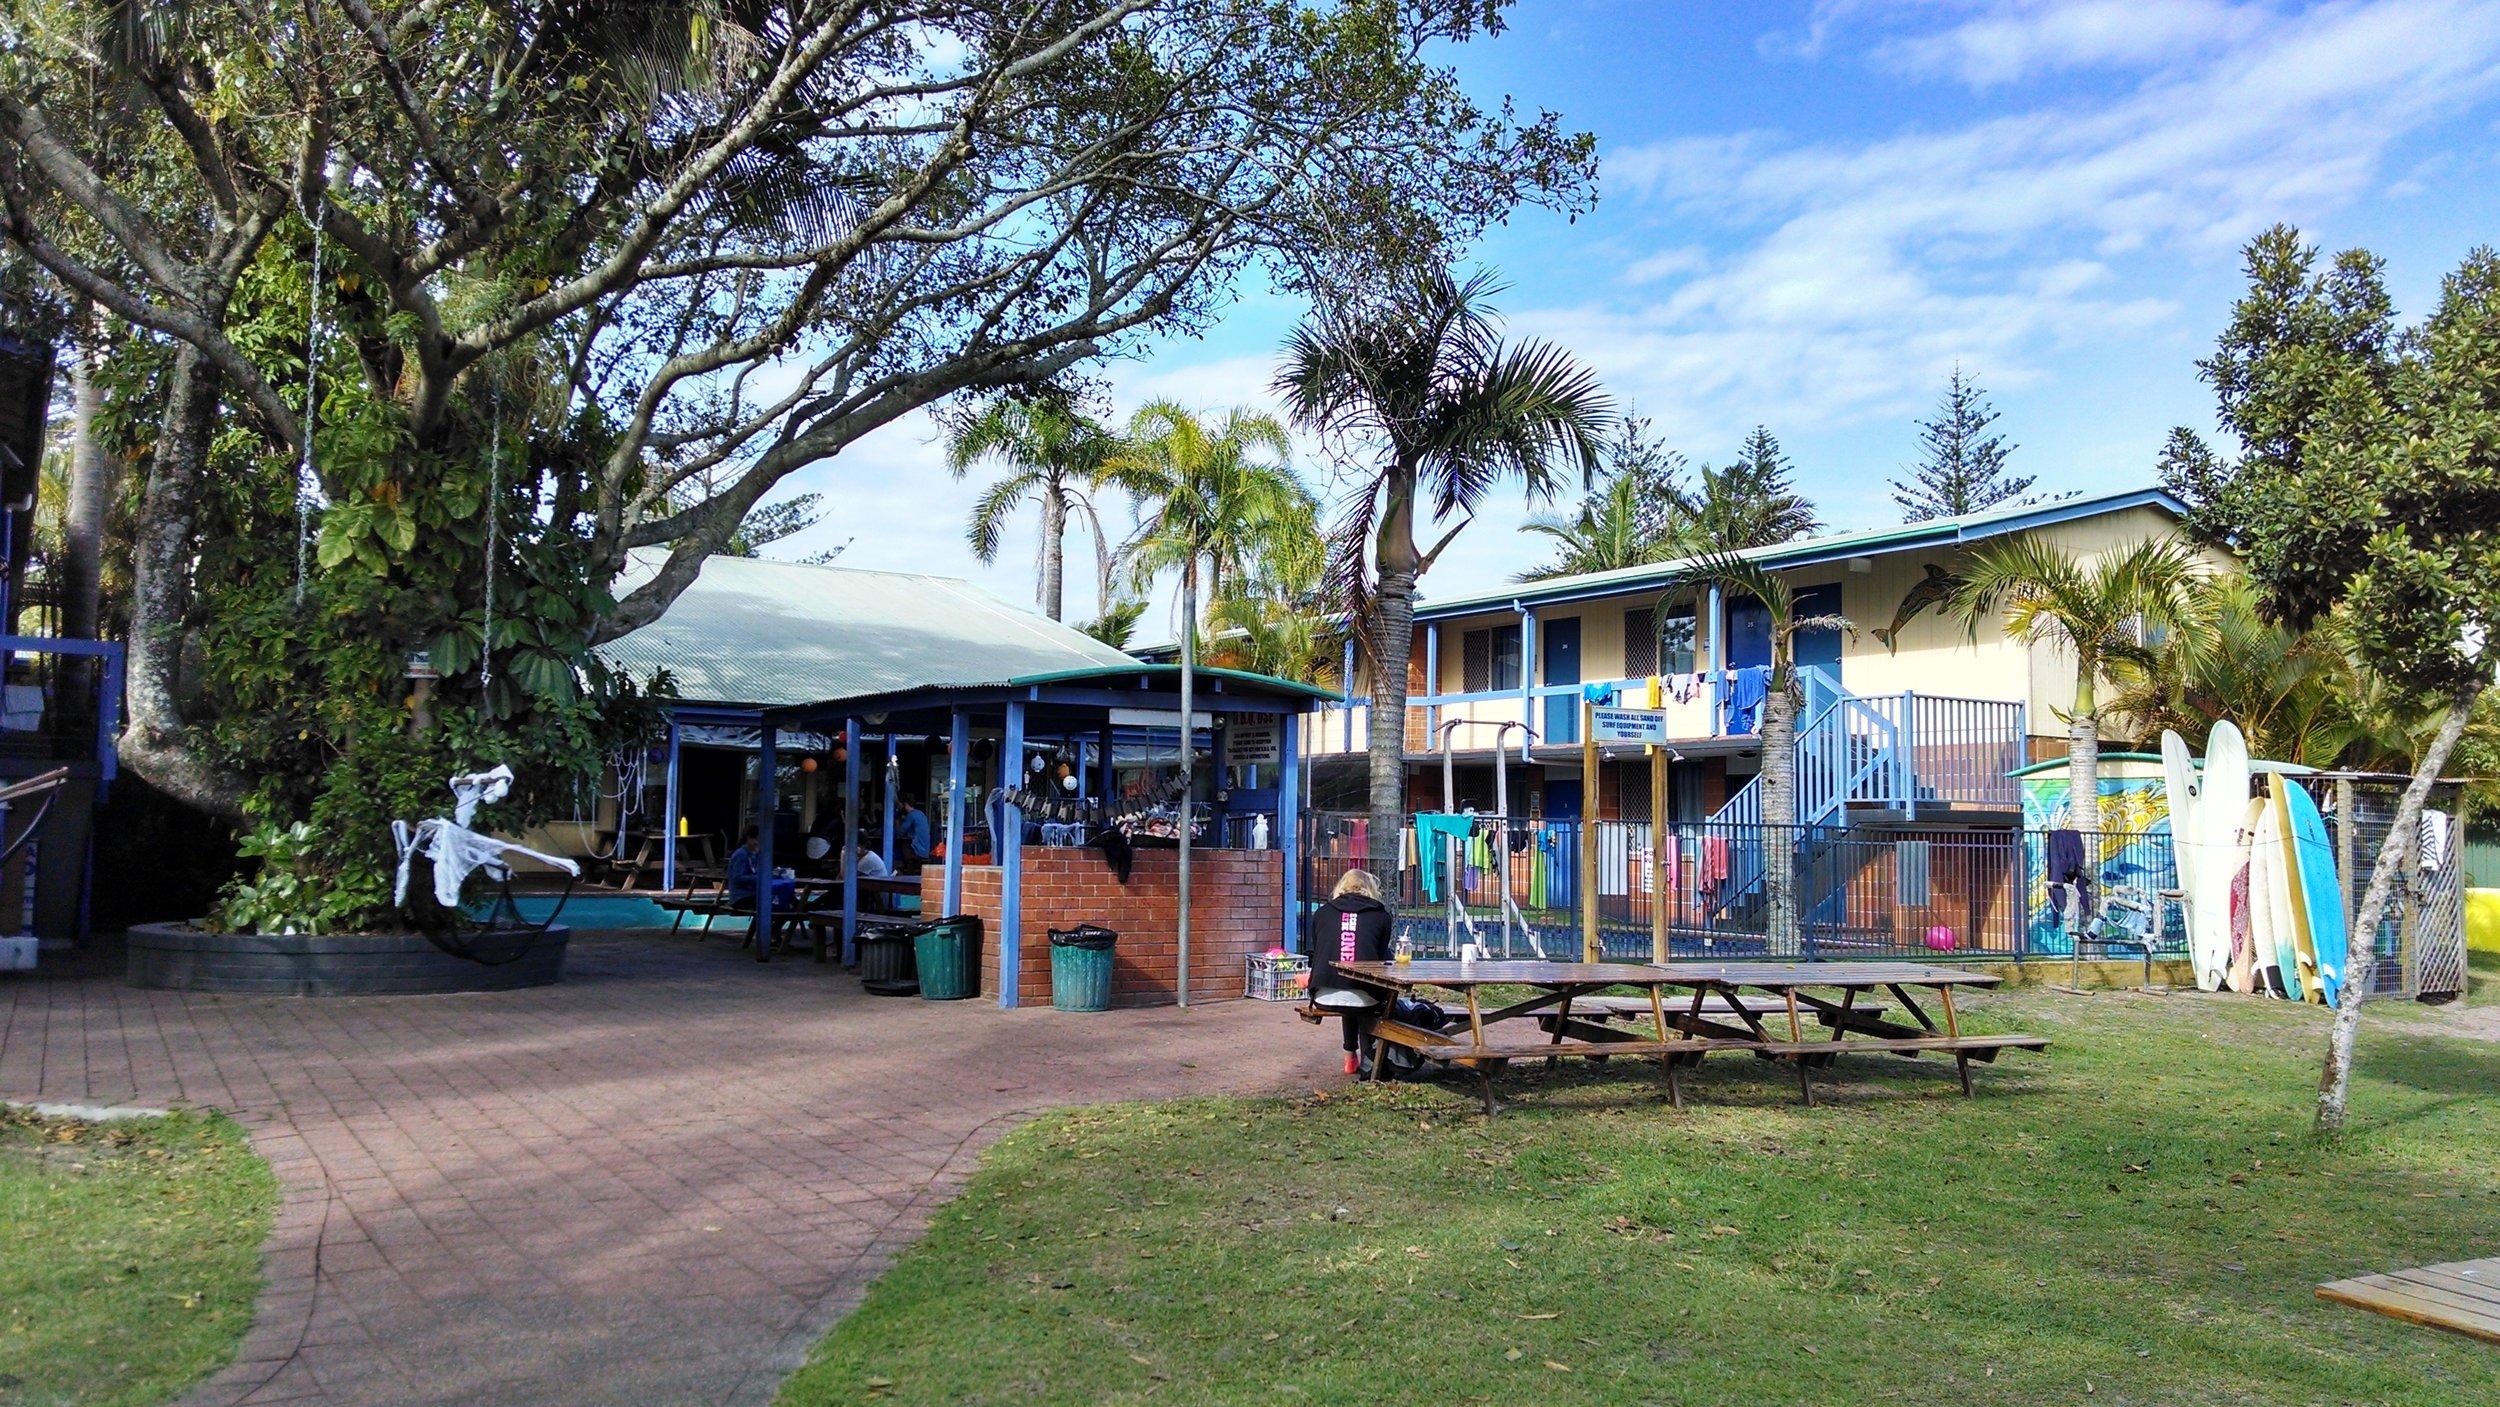 shay hostel woa australia .jpg